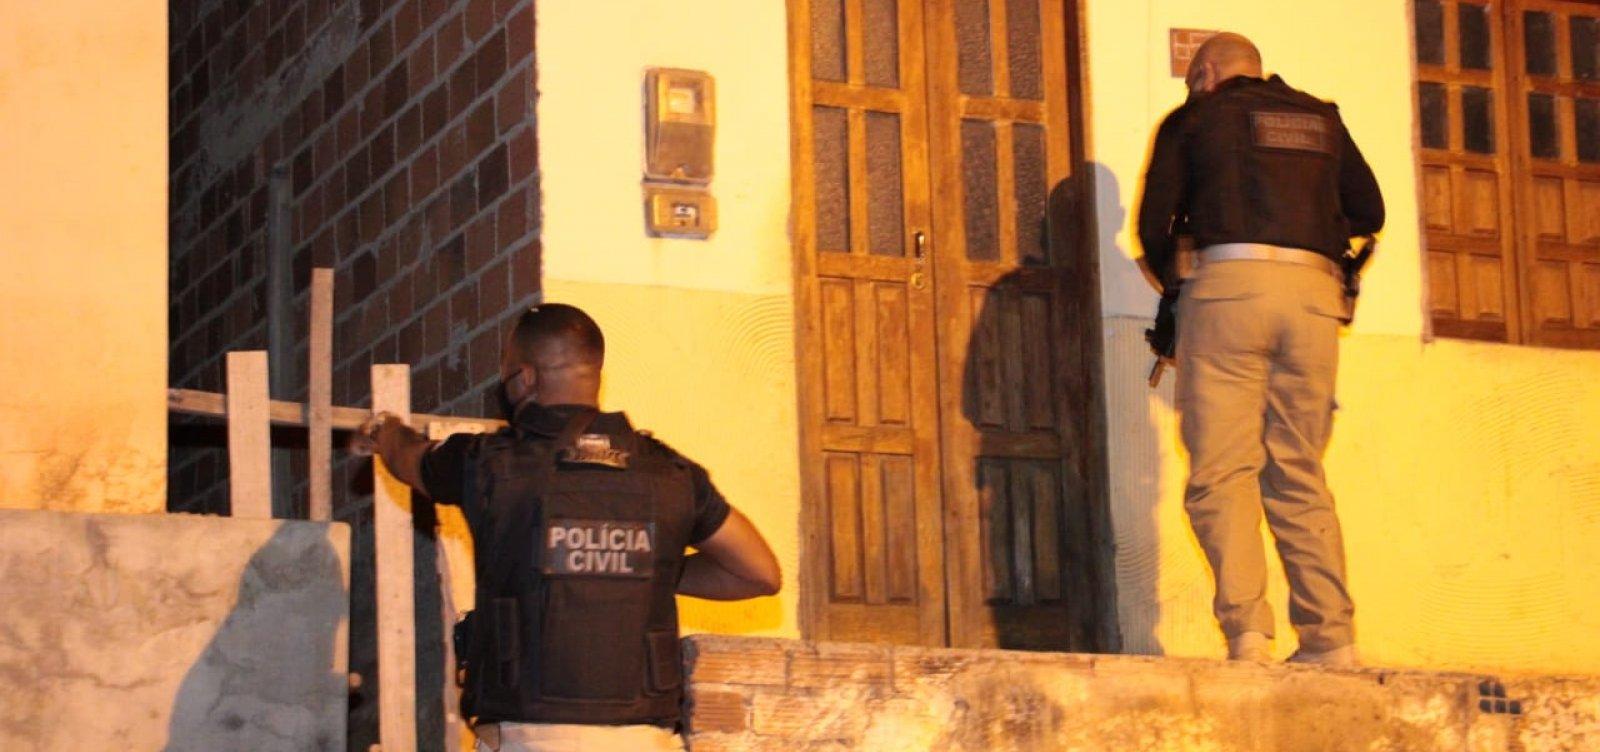 Operação da polícia prende quatro líderes de facções criminosas na Chapada